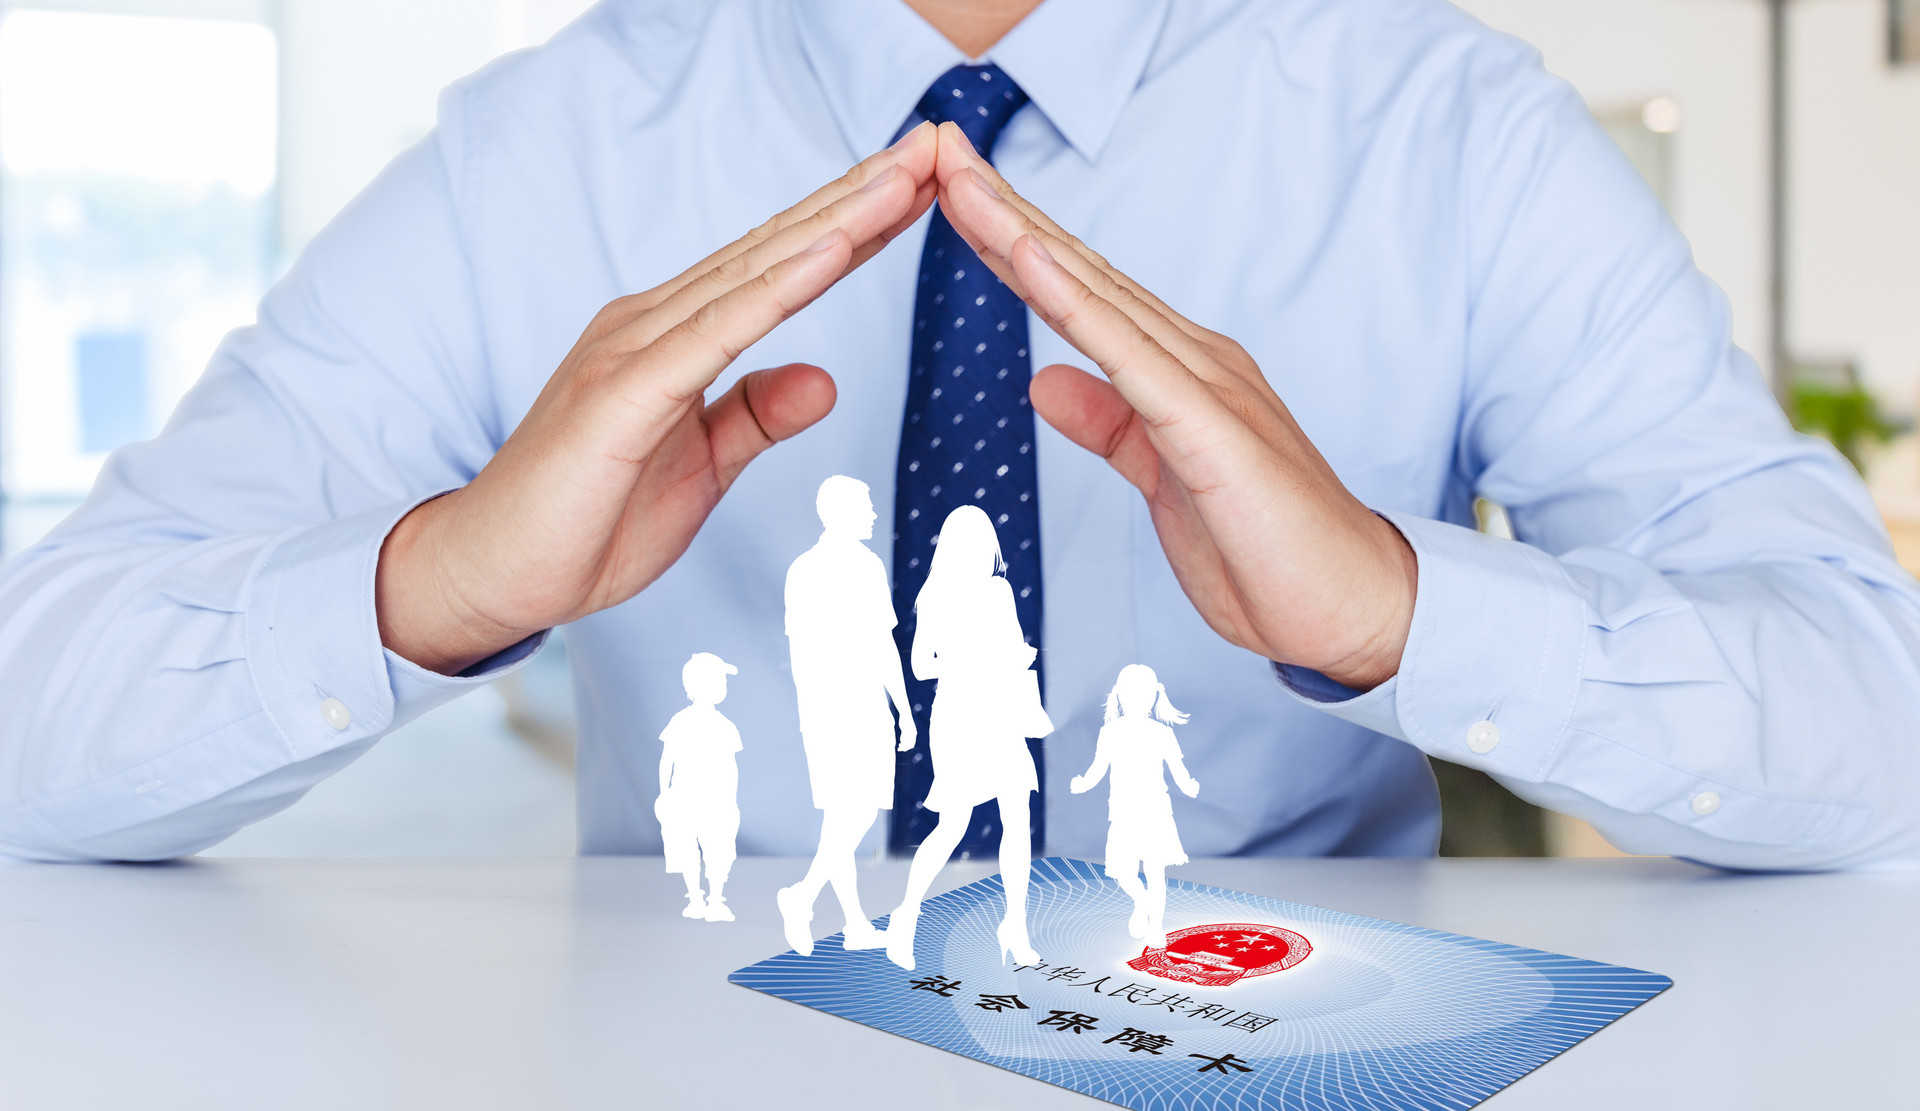 网上找代缴社保和找企业代缴社保那个更靠谱?